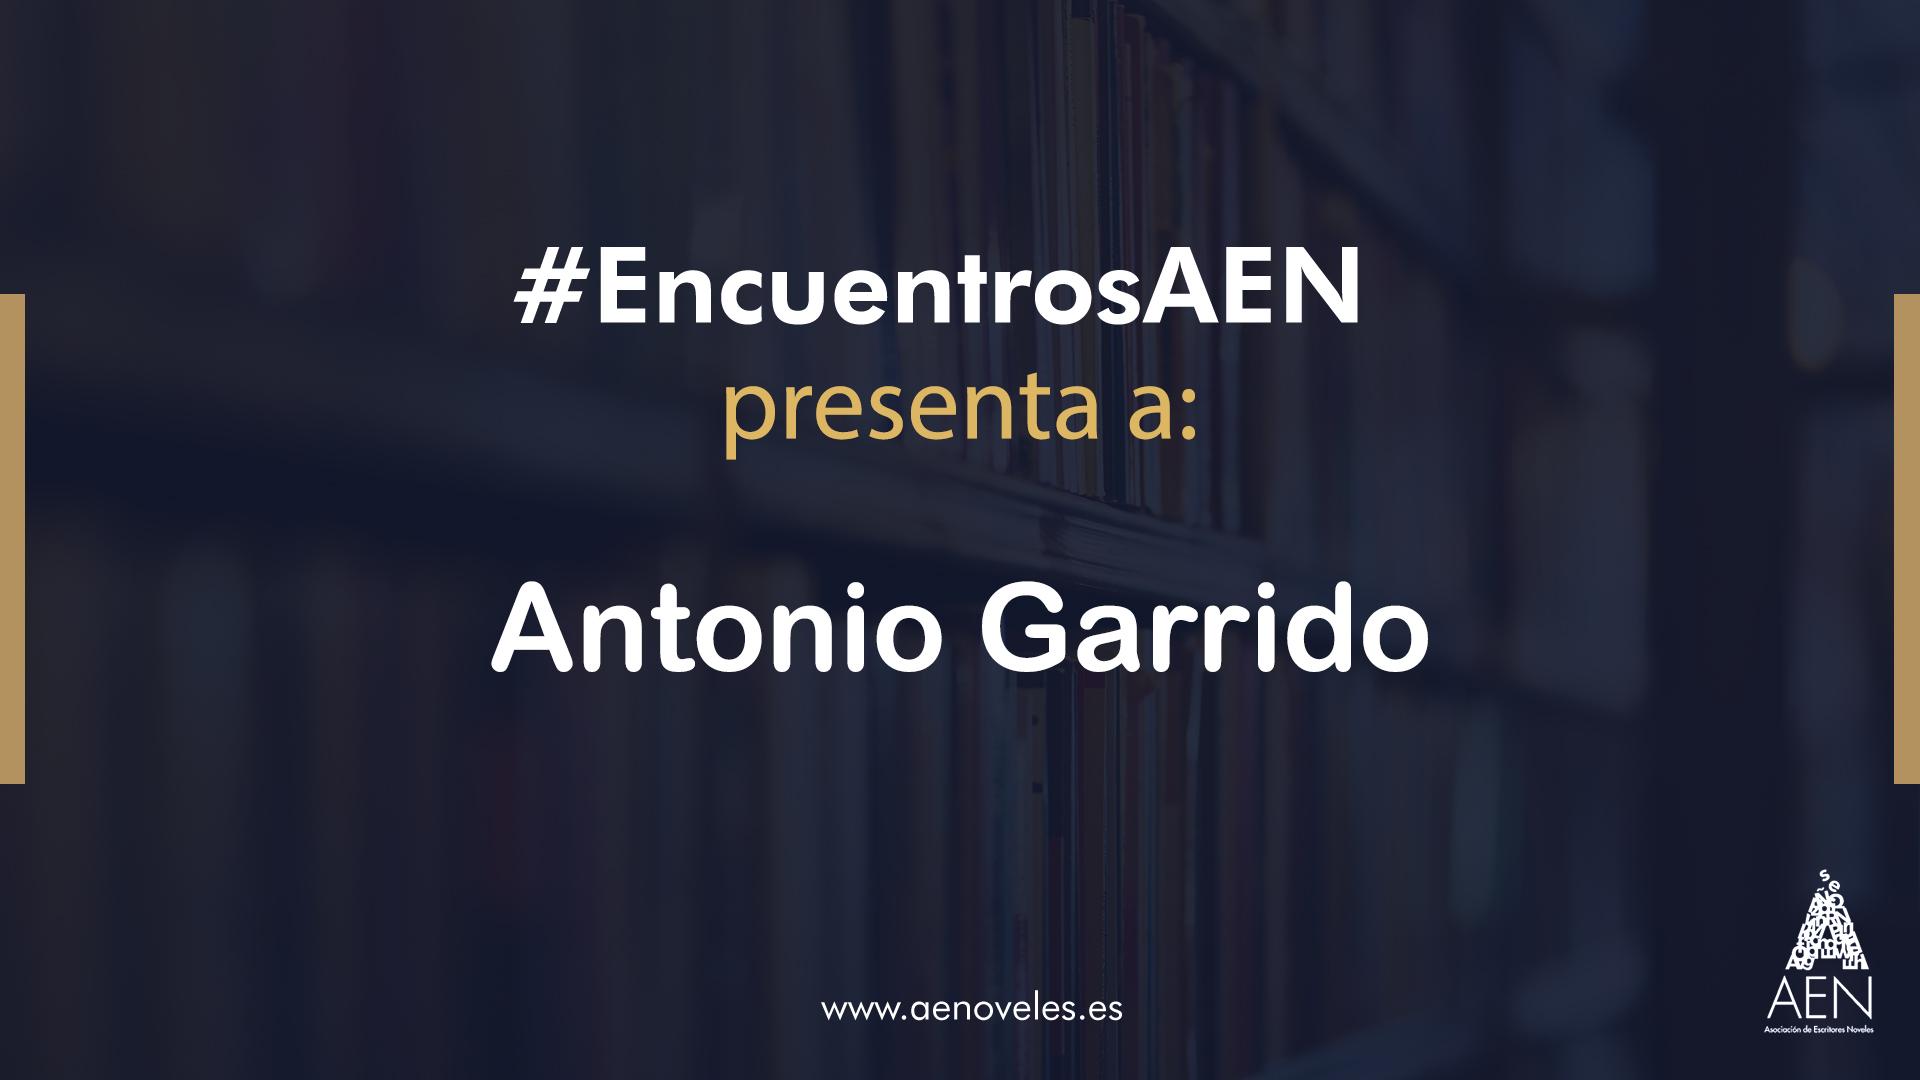 EncuentroAEN con Antonio Garrido